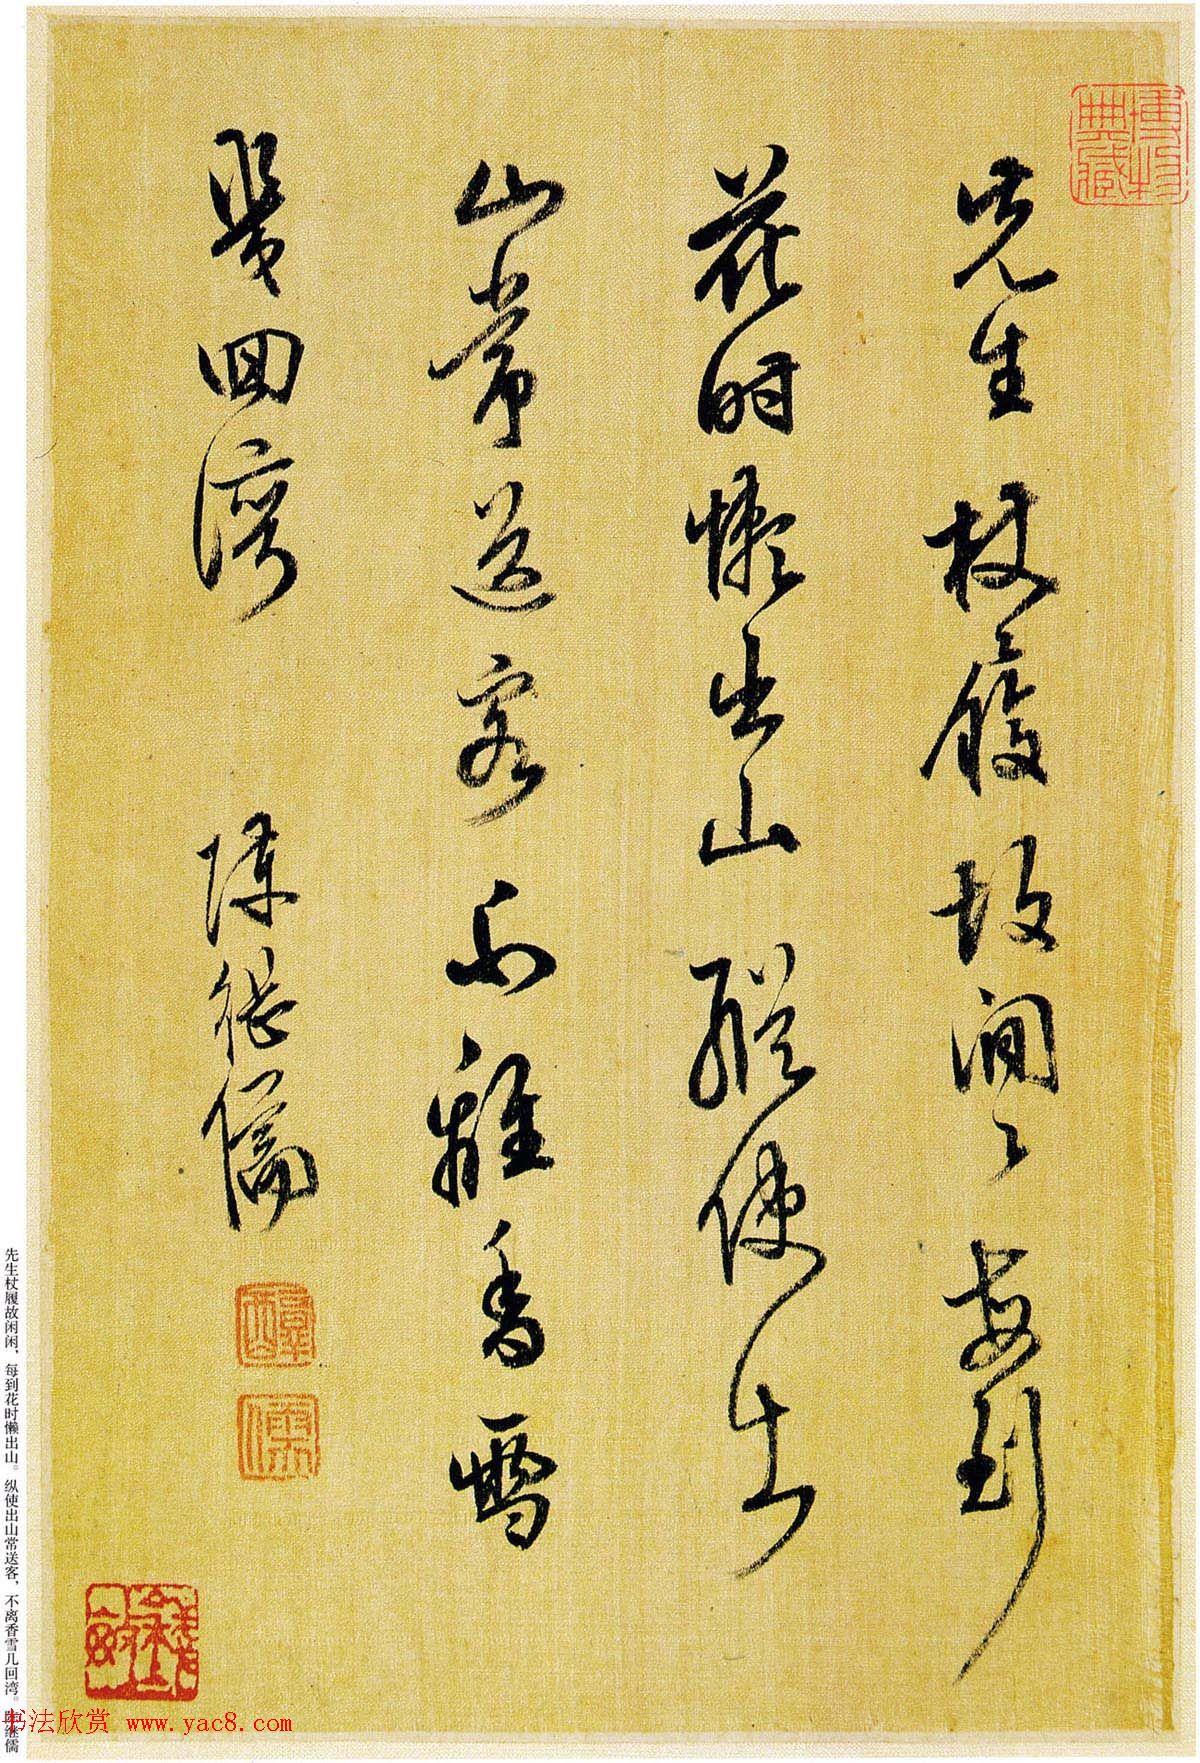 陈继儒自书诗画精品《陈眉公书画册》